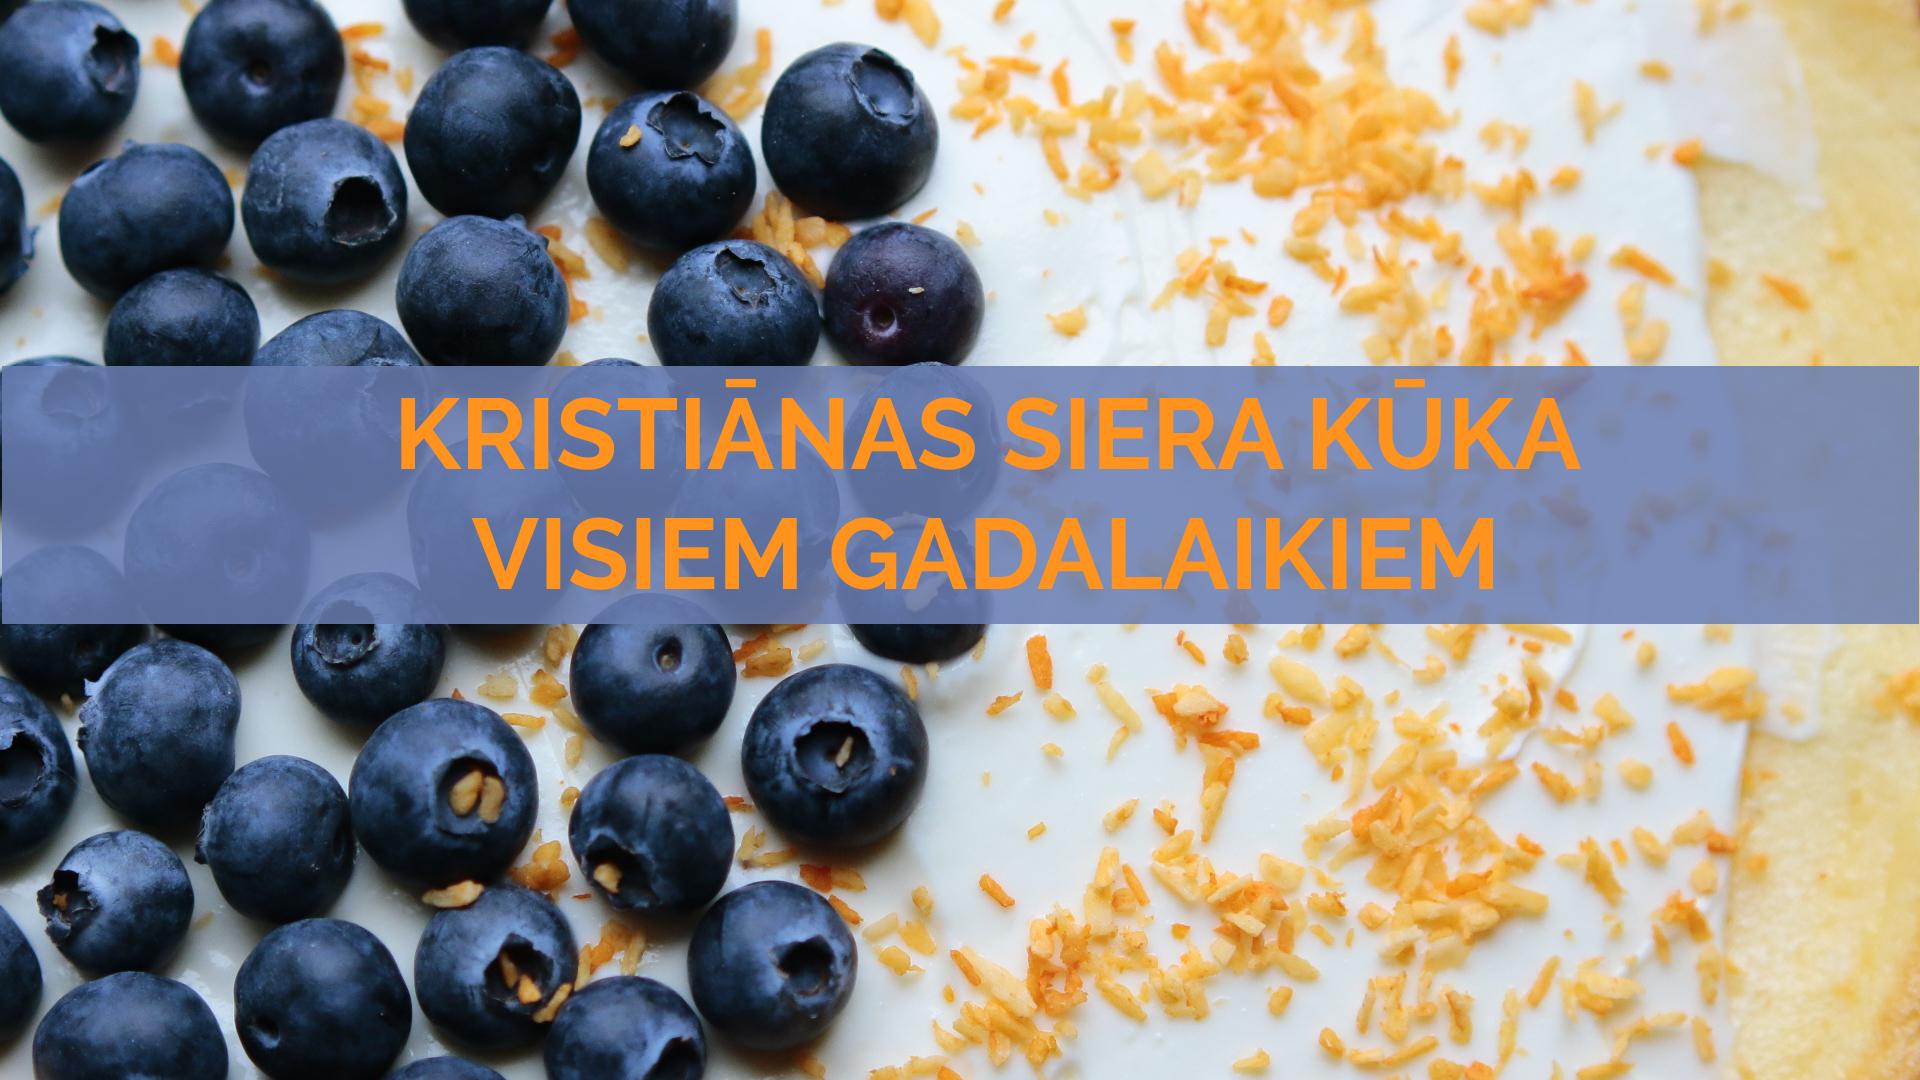 Kristiānas siera kūkas recepte visiem gadalaikiem